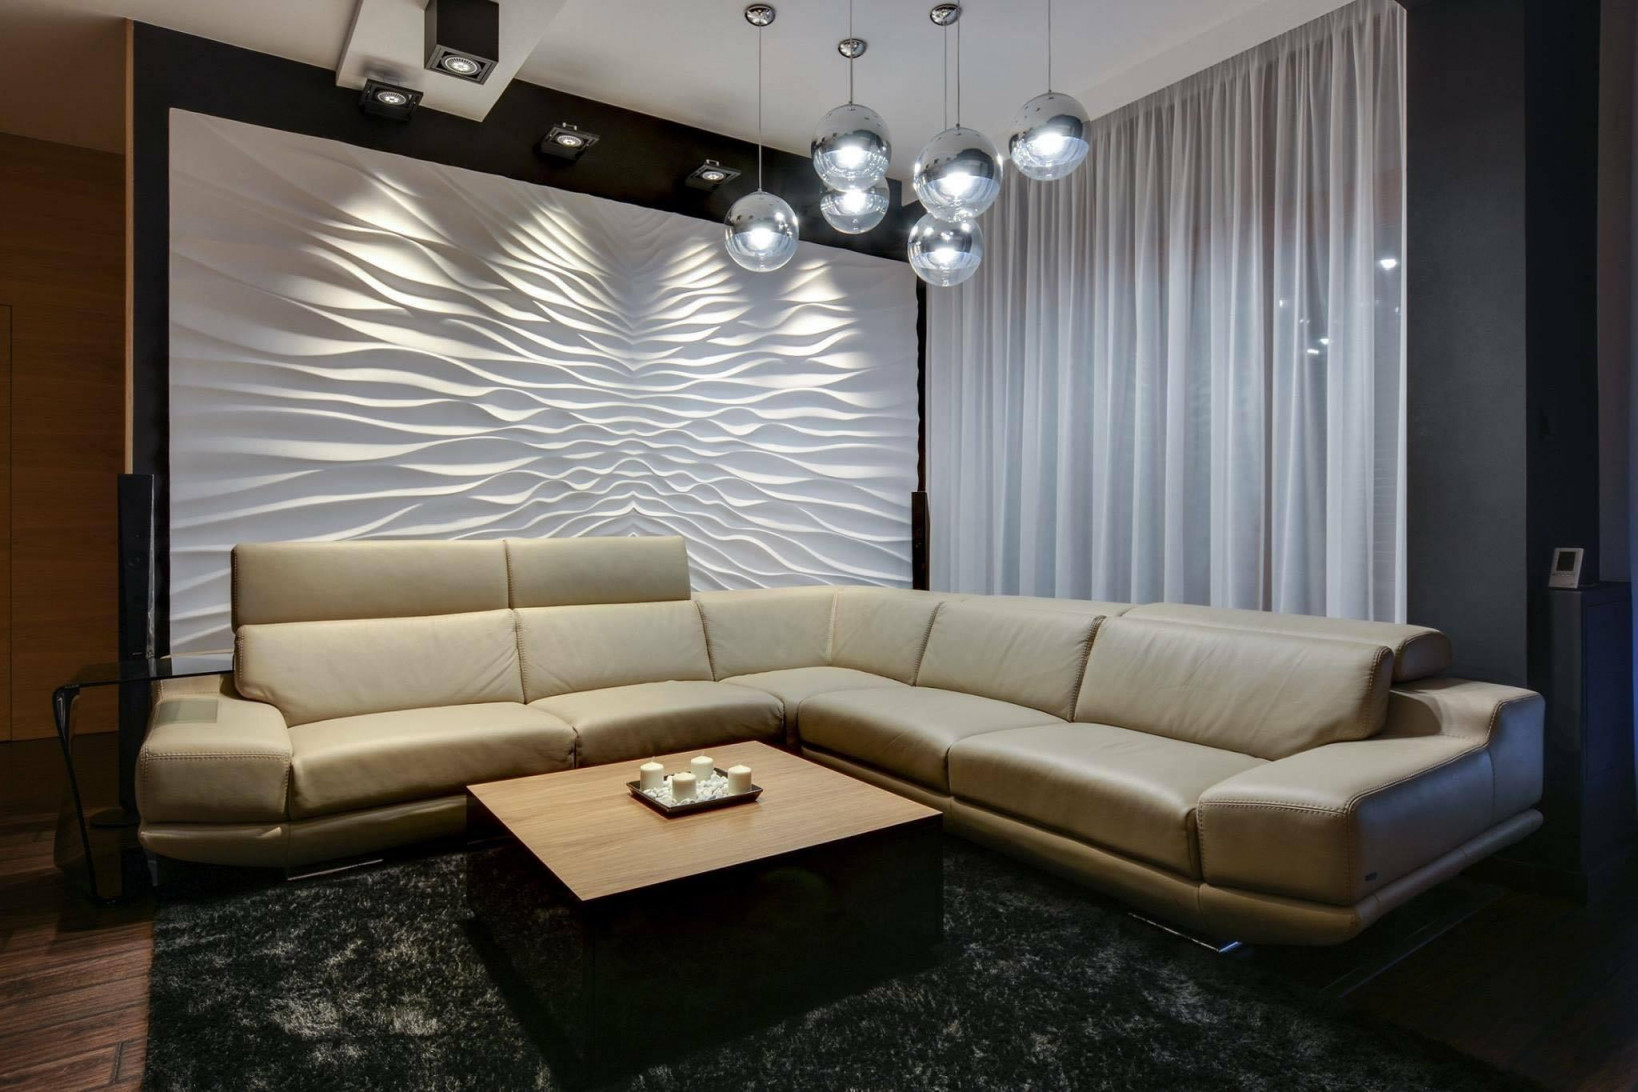 Wohnzimmer Wandgestaltung Die Schönsten Ideen von Wohnzimmer Wandgestaltung Ideen Photo